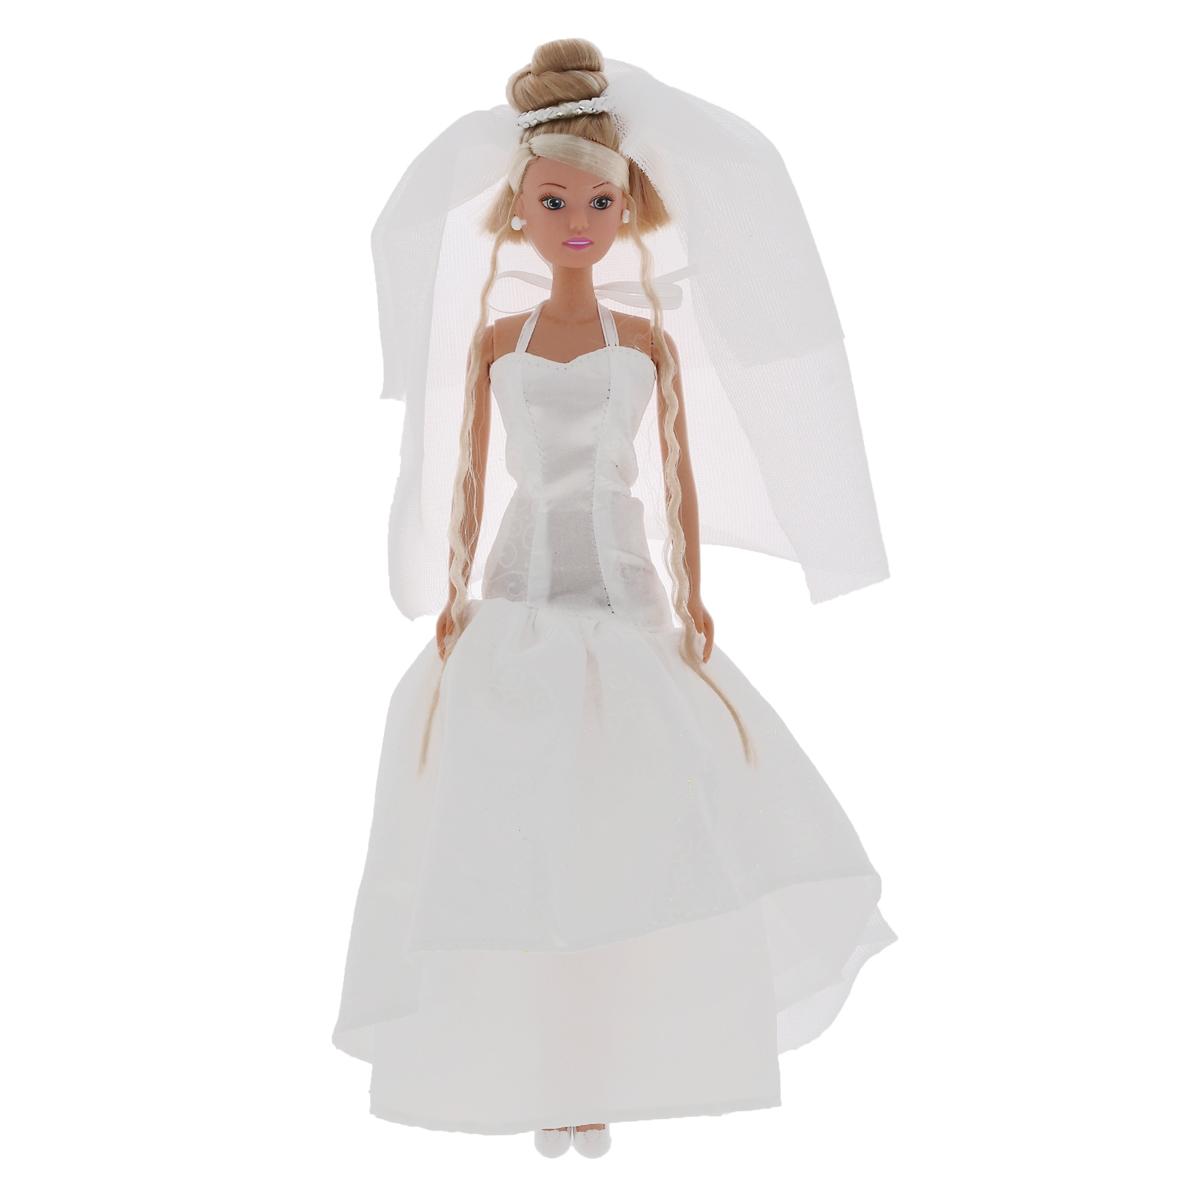 Simba Кукла Steffi Love Wedding5733414Кукла Simba Steffi Love. Wedding надолго займет внимание вашей малышки и подарит ей множество счастливых мгновений. Кукла изготовлена из пластика, ее голова, ручки и ножки подвижны, что позволяет придавать ей разнообразные позы. Куколка одета в пышное свадебное платье, декорированное блестками, ее волосы украшены воздушной фатой. Чудесные длинные волосы куклы так весело расчесывать и создавать из них всевозможные прически, плести косички, жгутики и хвостики. Благодаря играм с куклой, ваша малышка сможет развить фантазию и любознательность, овладеть навыками общения и научиться ответственности, а дополнительные аксессуары сделают игру еще увлекательнее. Порадуйте свою принцессу таким прекрасным подарком!